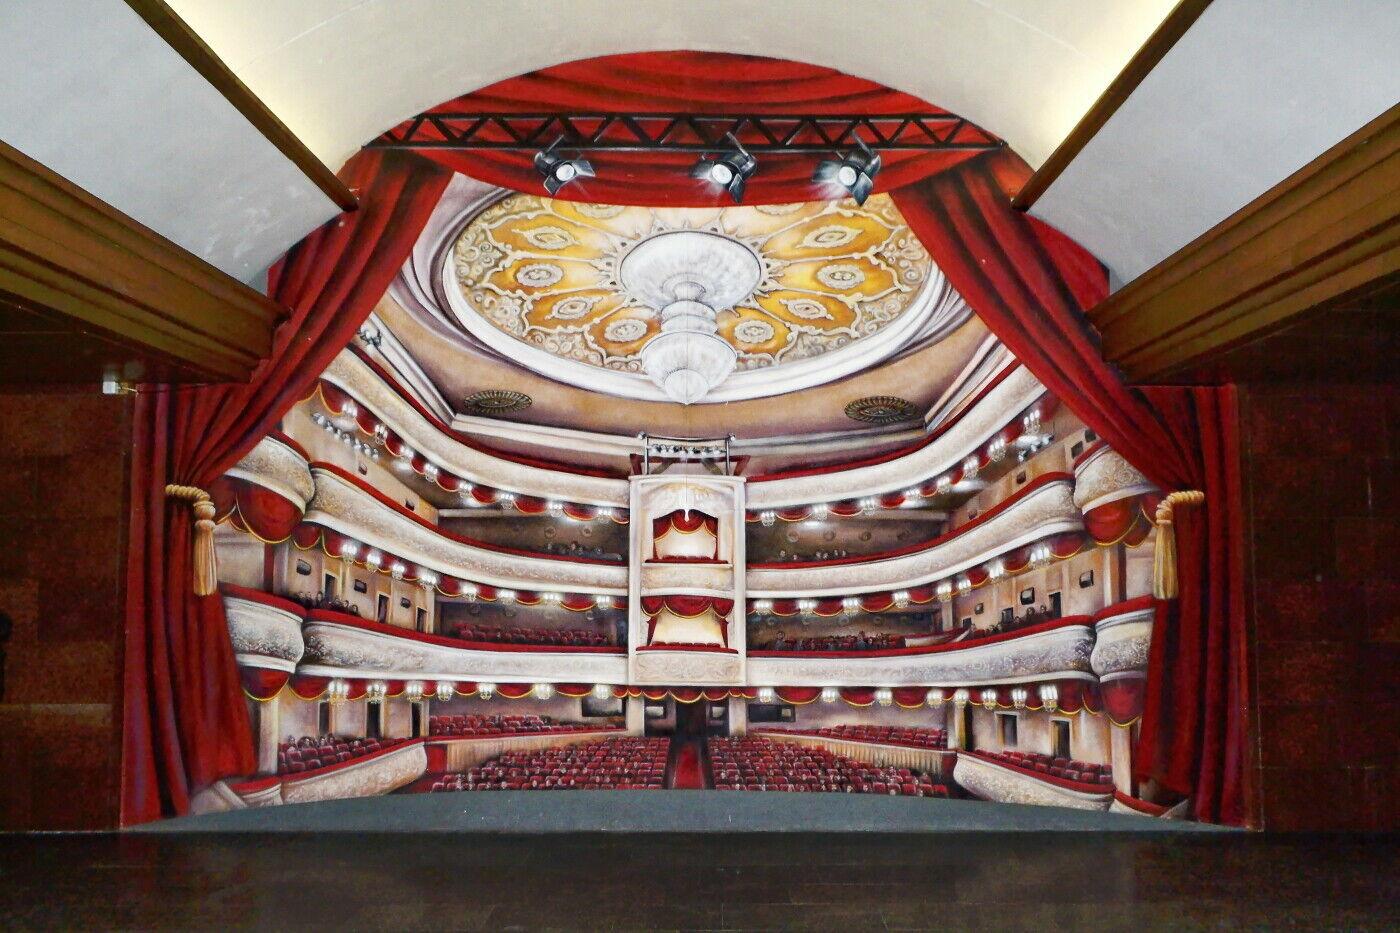 У 2014 році на станції з'явилося зображення залу для глядачів театру.